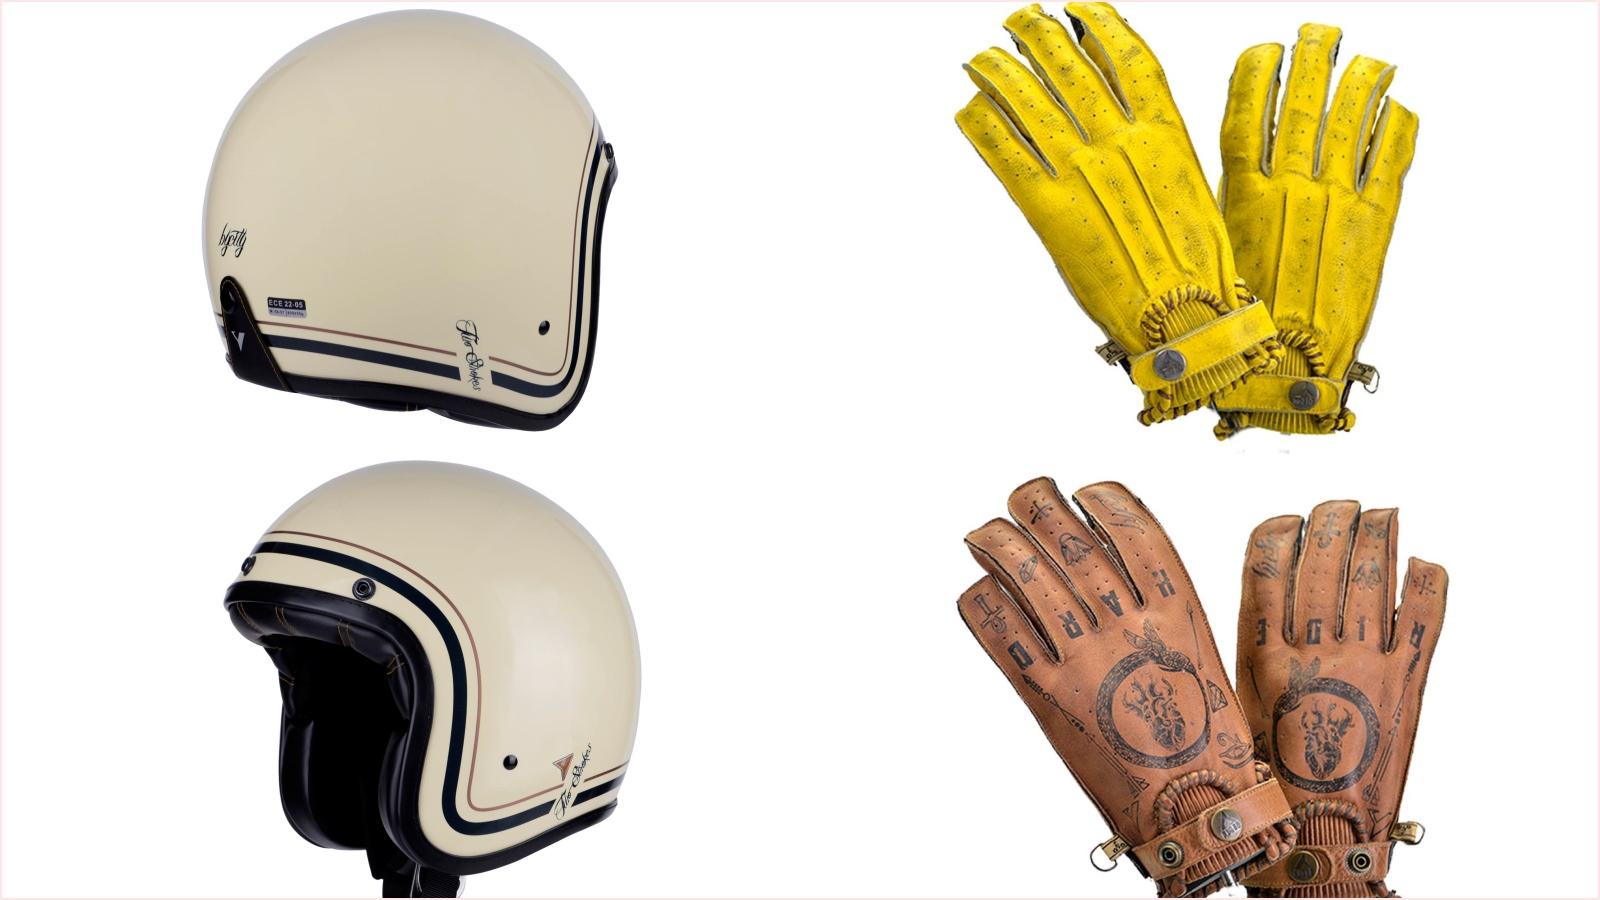 Casco Two Stroke y guantes Second Skin, estilo para la desescalada con By-City